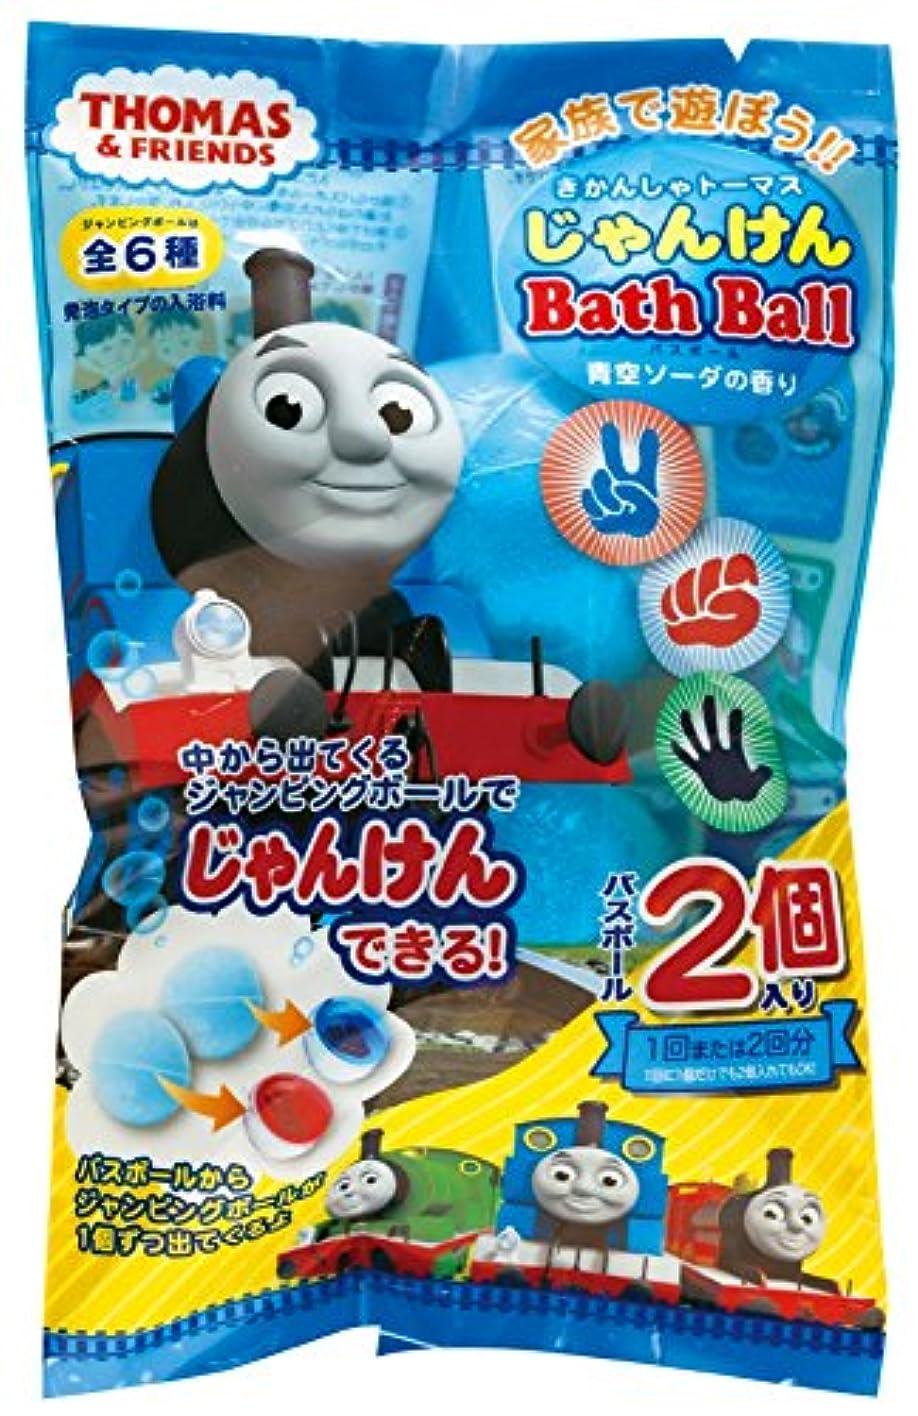 パール在庫従者きかんしゃトーマス 入浴剤 じゃんけんバスボール 2個入り おまけ付き 青色ソーダの香り OB-TOB-4-1